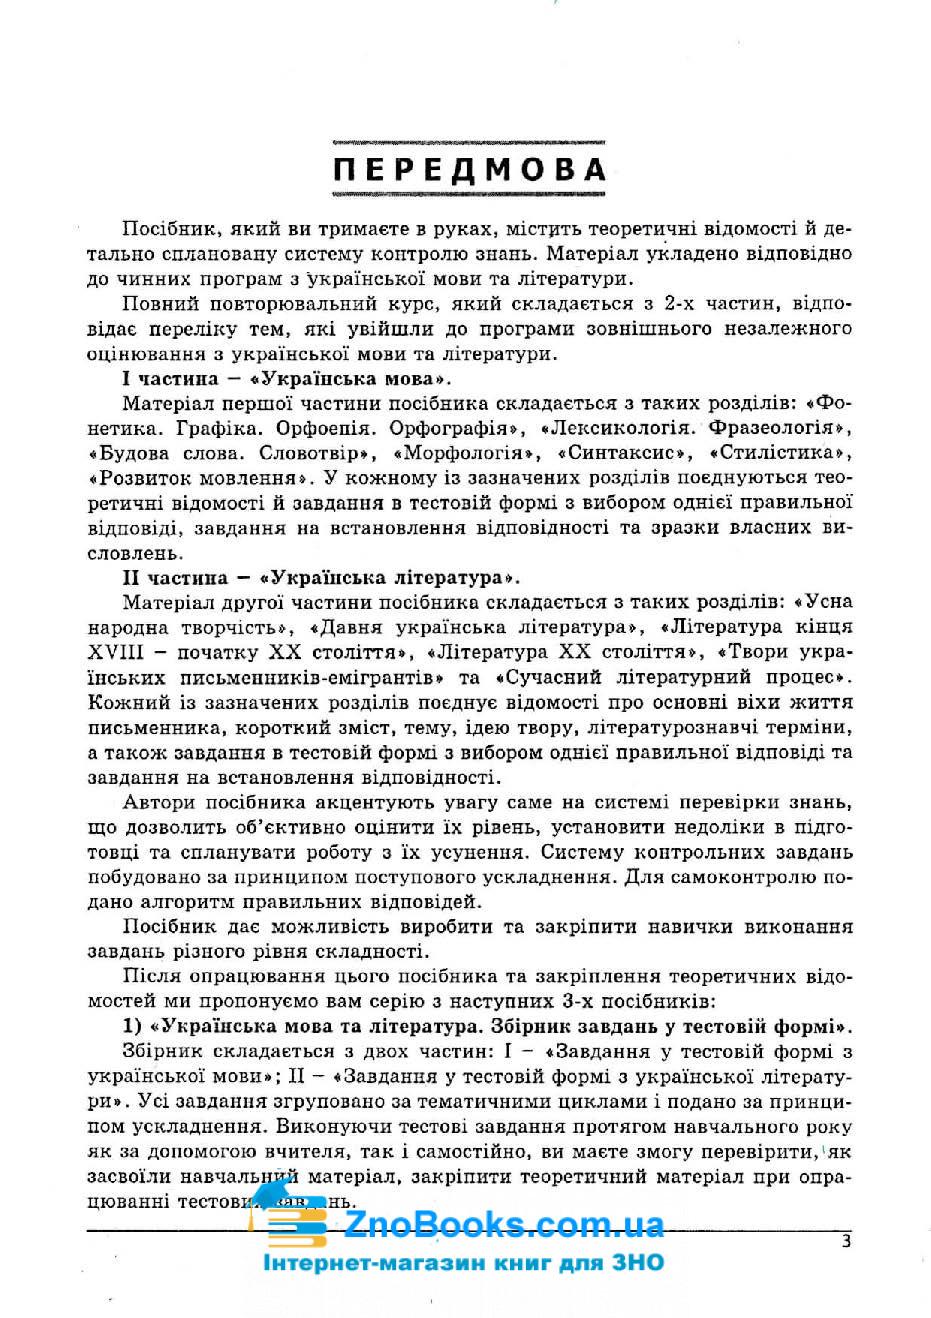 Українська мова та література ЗНО 2020. Довідник + тести. Повний повторювальний курс. Авт: Куриліна О. Вид-во: Абетка. купити 3